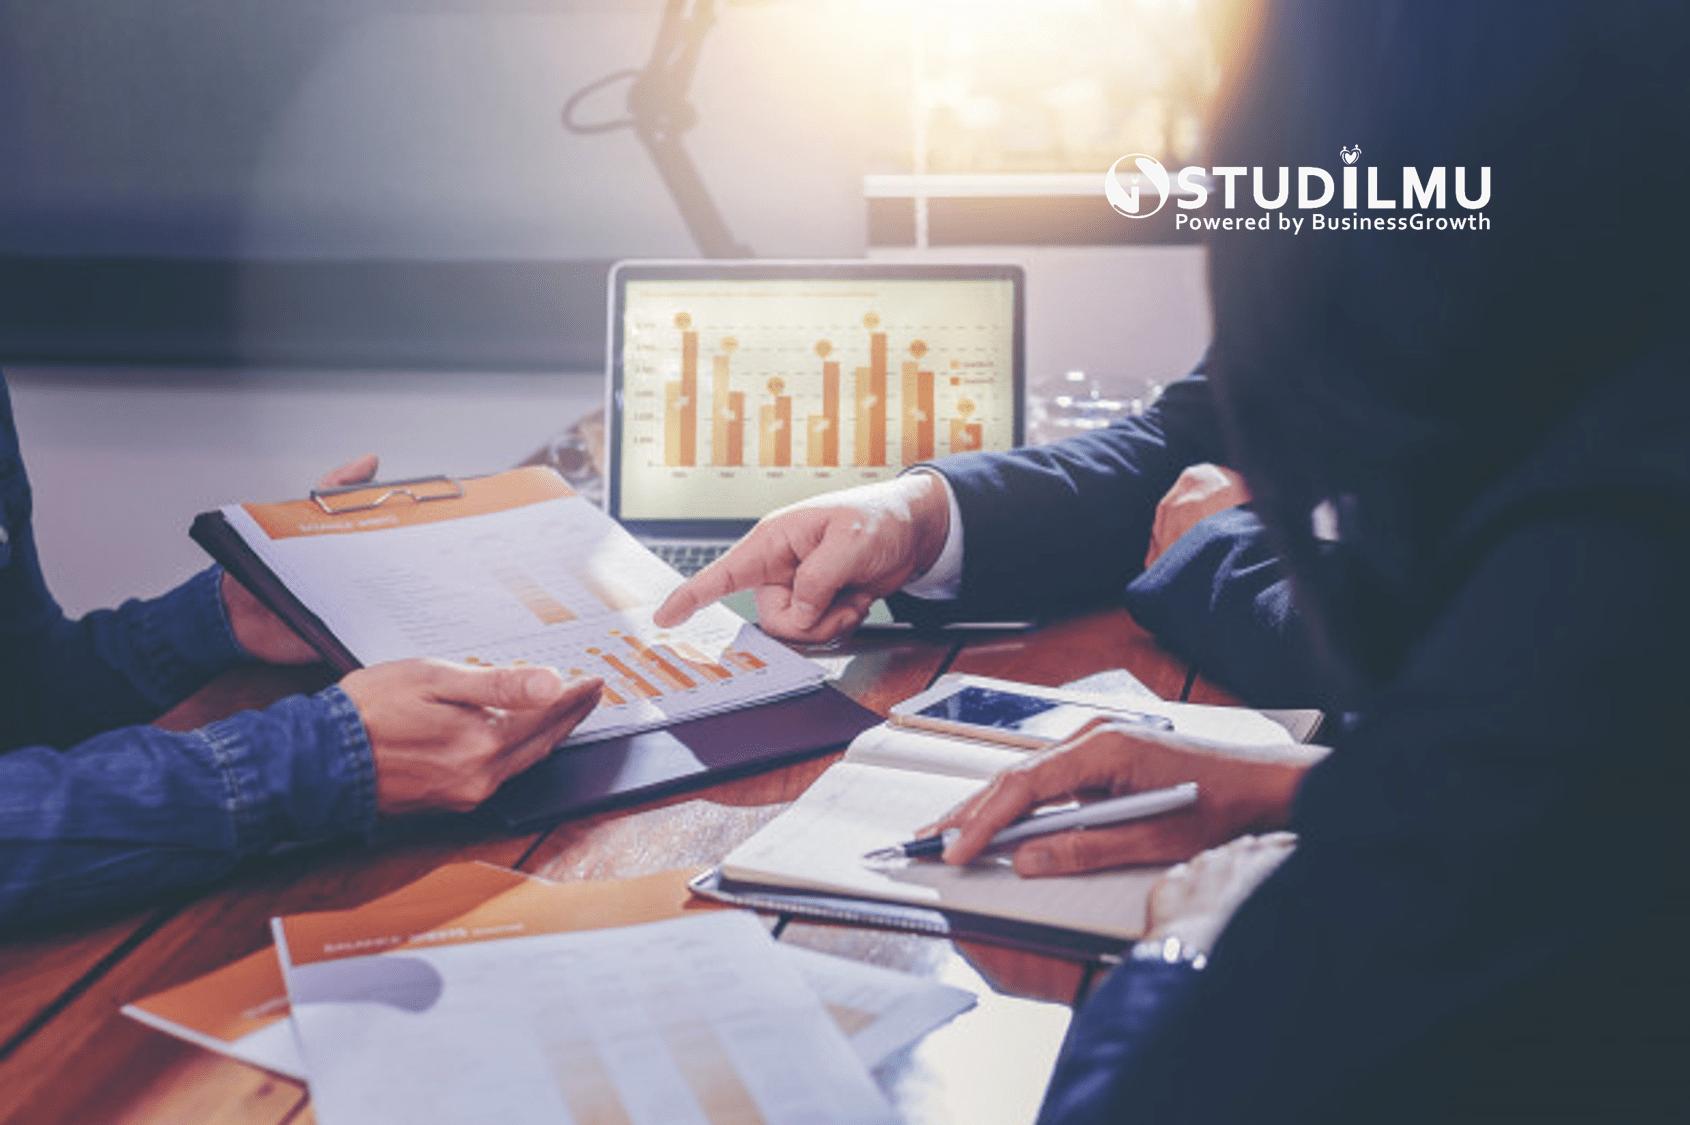 STUDILMU Career Advice - Peran Teknologi pada Riset Pemasaran